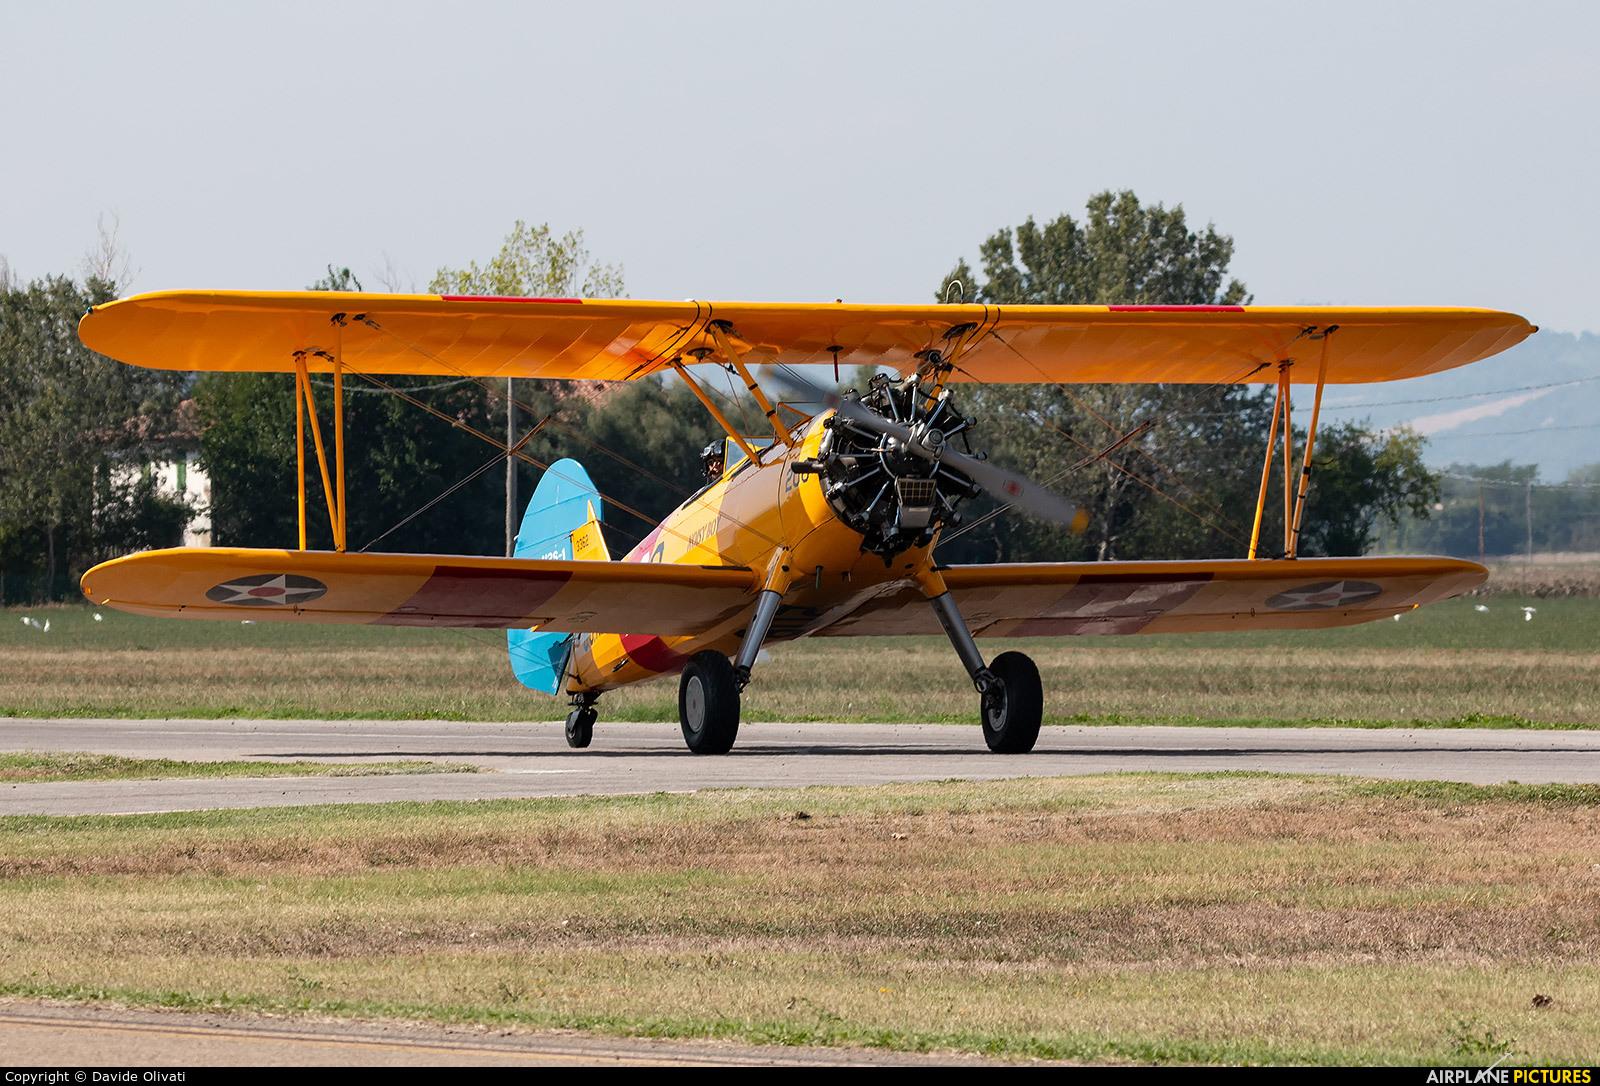 Private N53750 aircraft at Ozzano dell